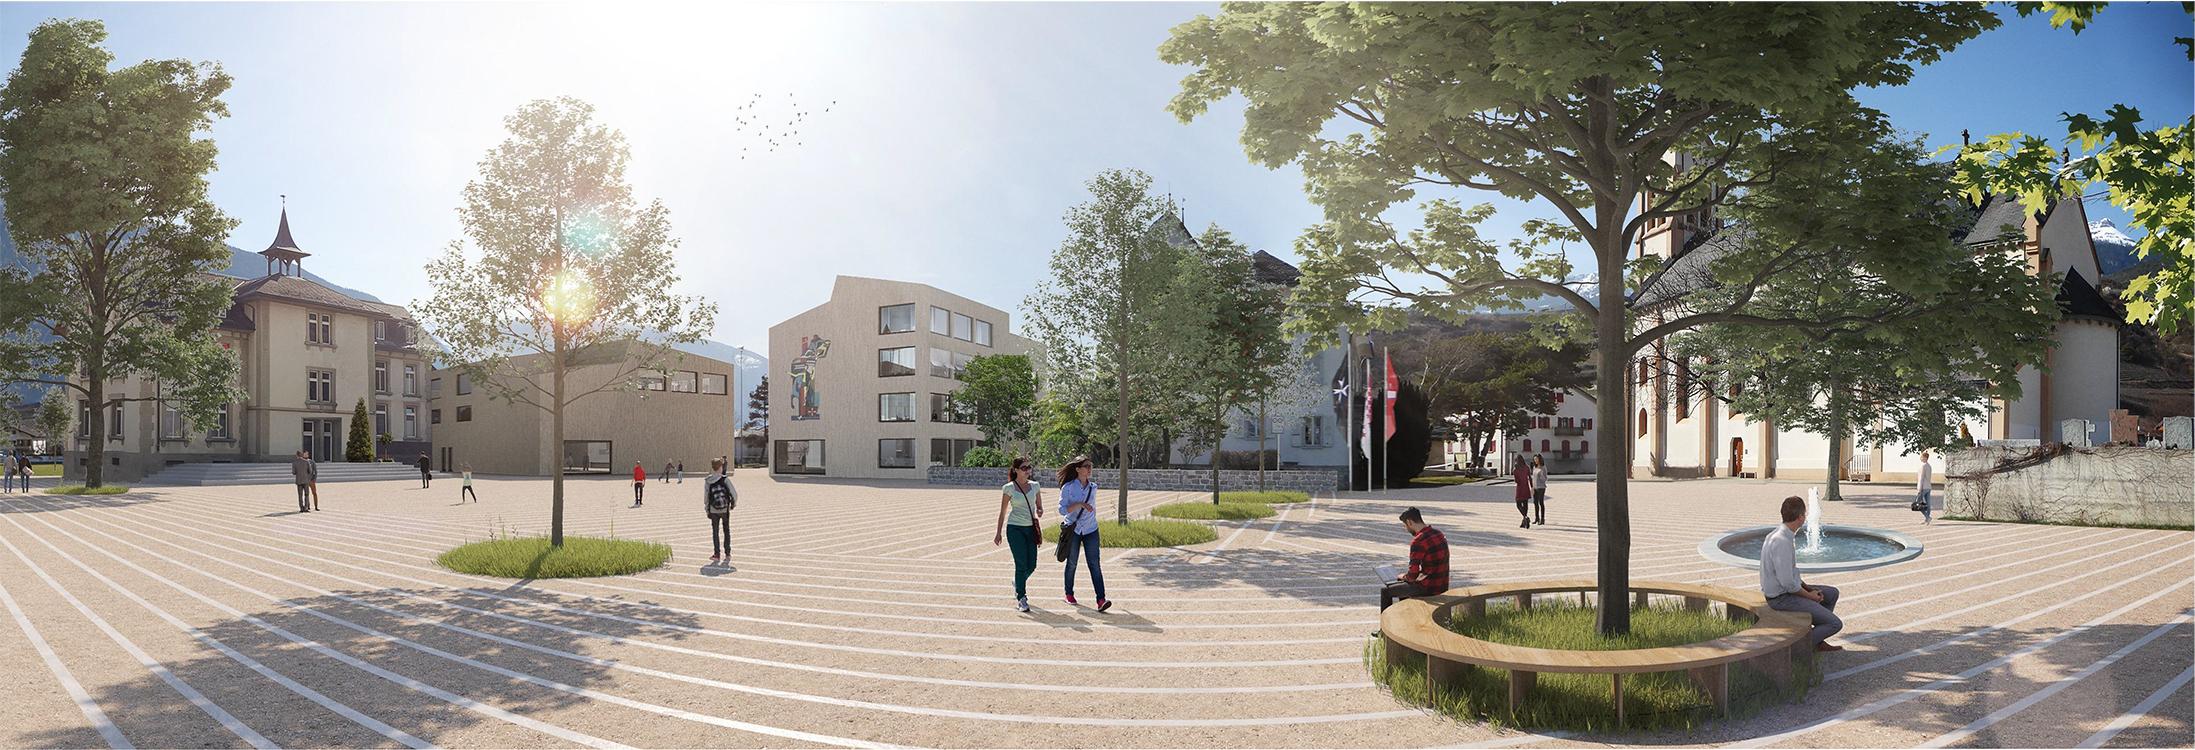 1. Rang  / 1.Preis Ideenwettbewerb auf Einladung mit Präqualifikation ,Aufwertung Dorfzentrum Gemeinde Salgesch' mit Albrecht Architekten und Kontextplan